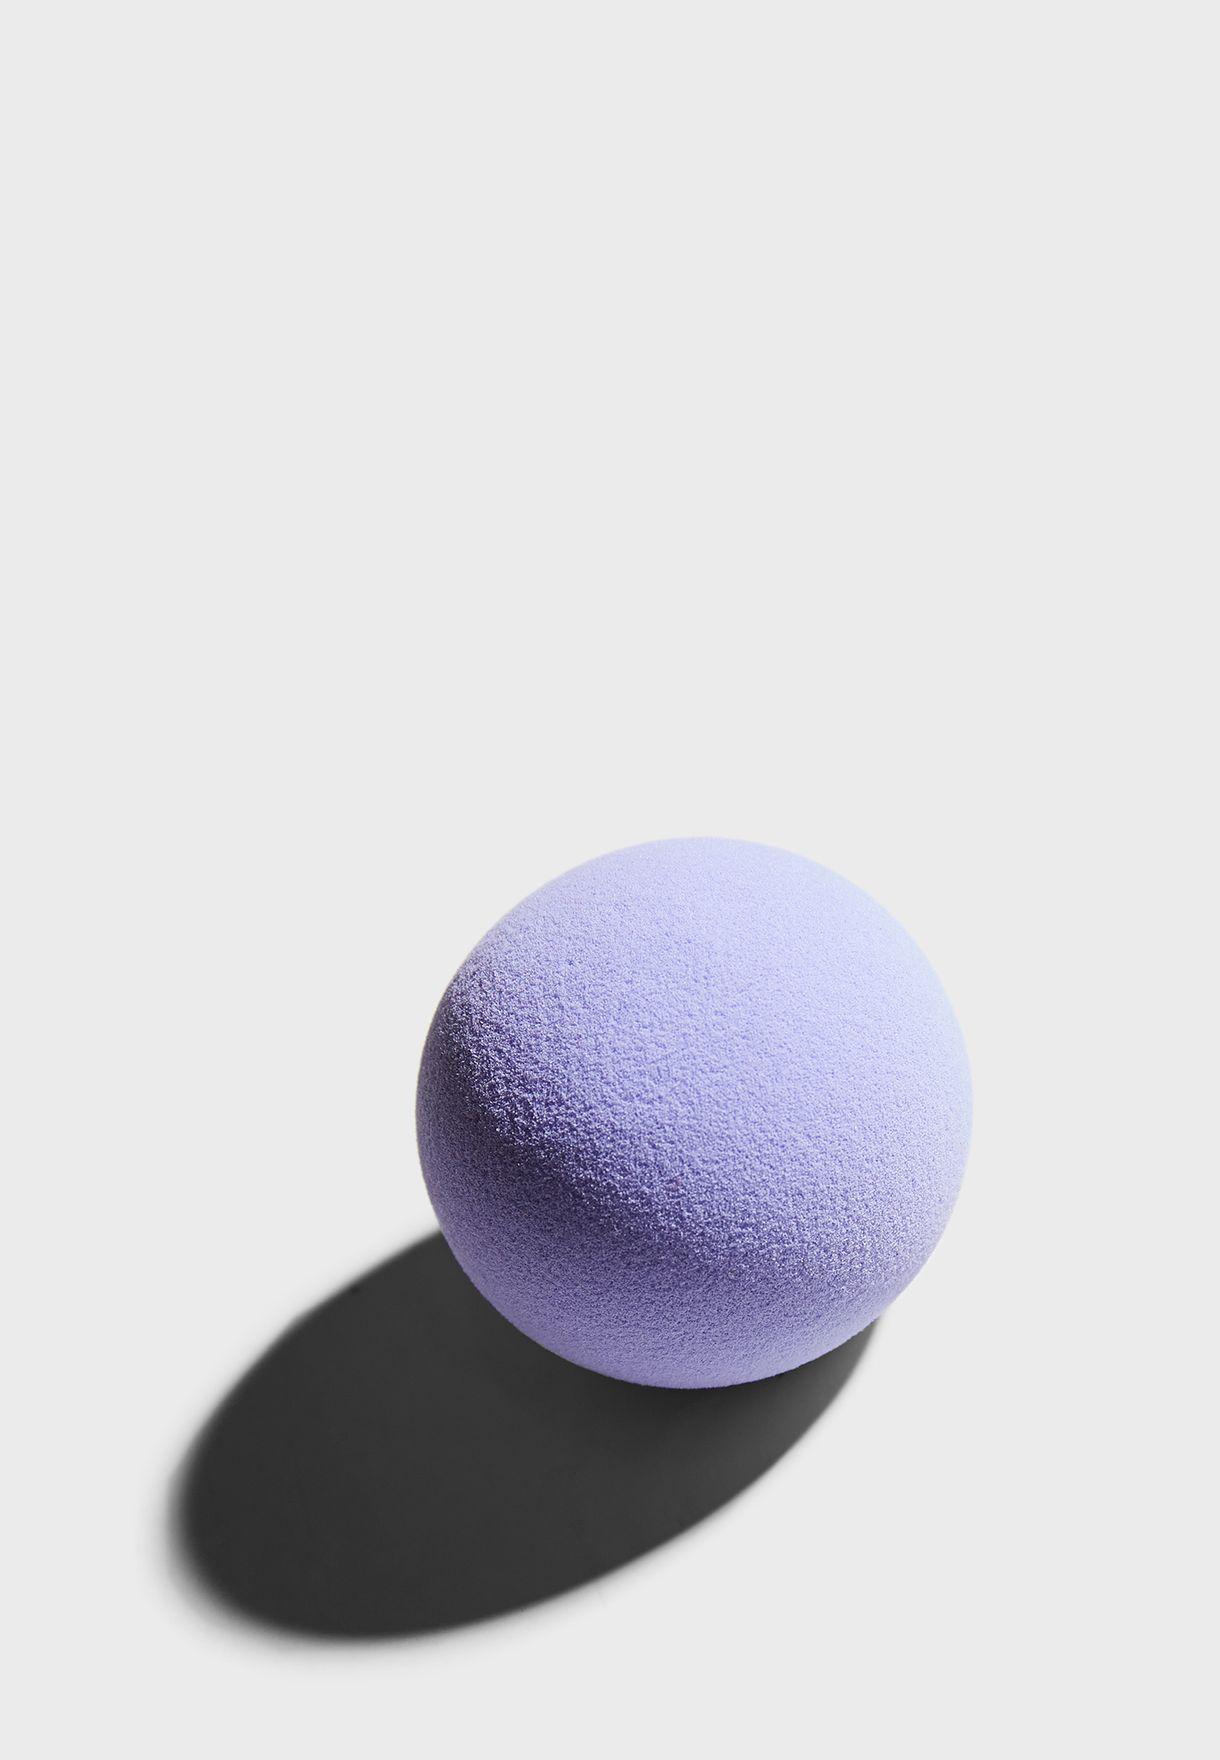 اسفنجة كرة للمكياج